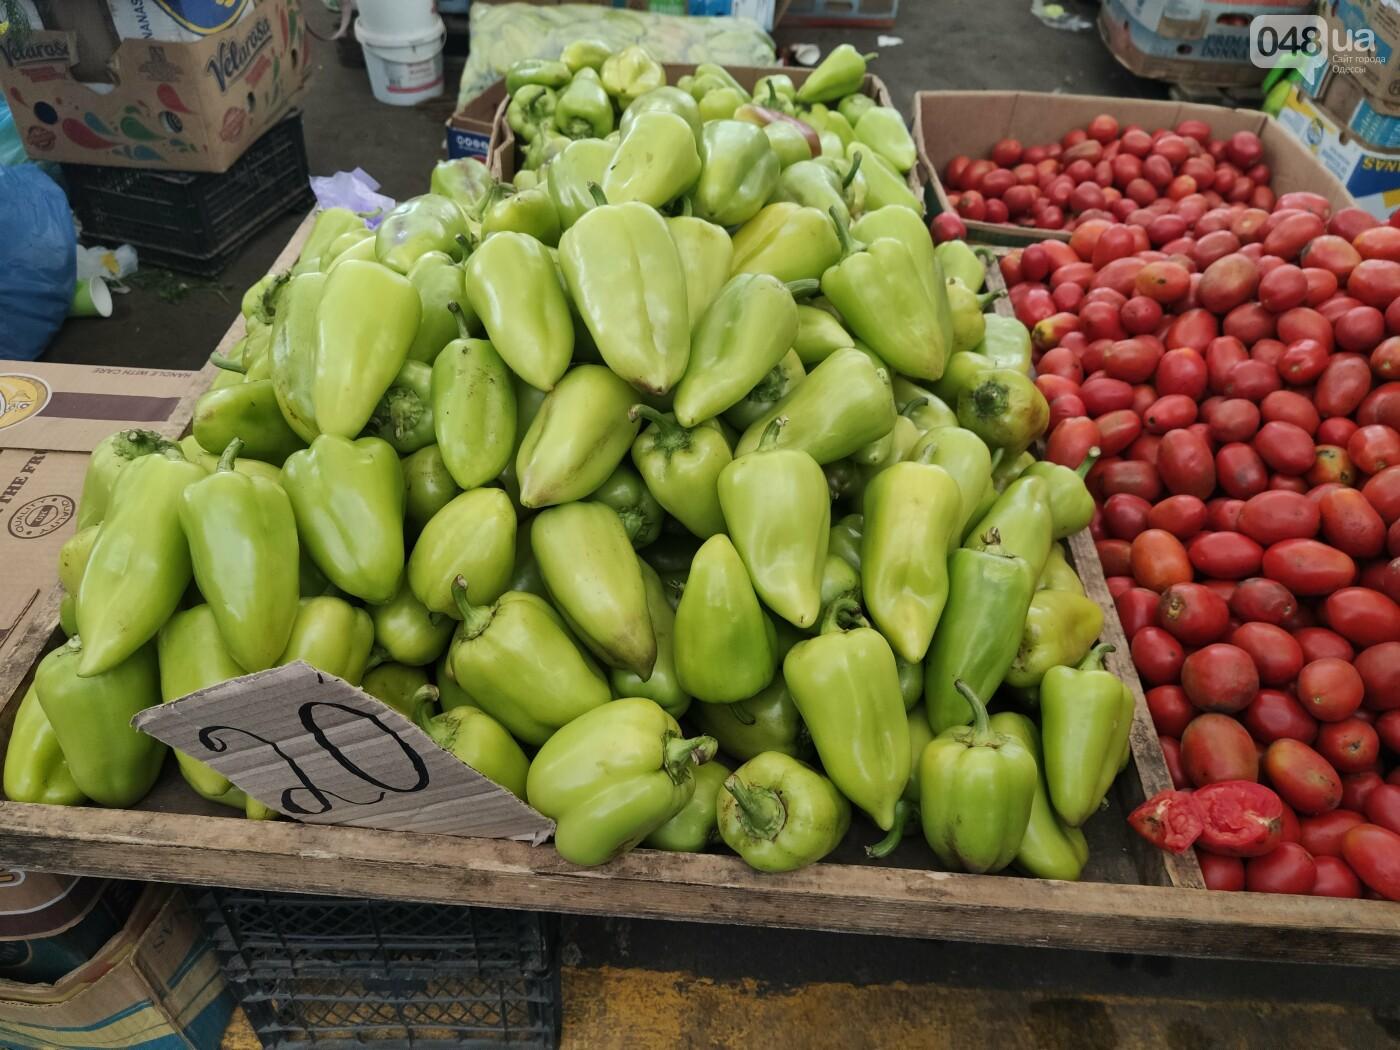 Виноград, мандарины, редис: сколько на одесском Привозе стоят фрукты и овощи, - ФОТО, фото-1